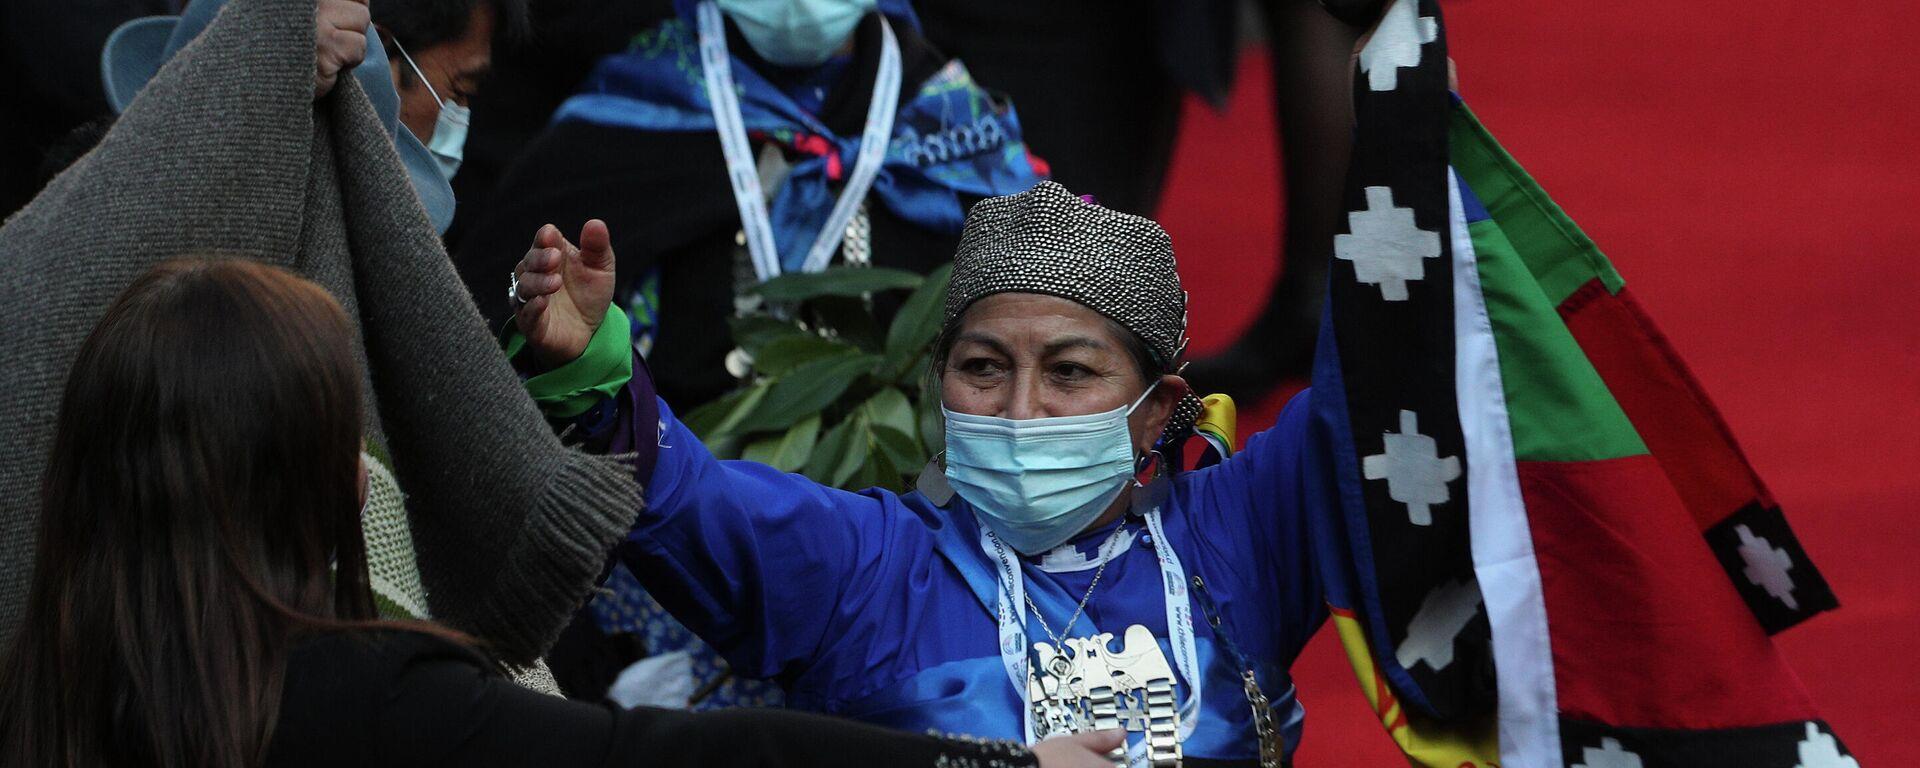 La dirigente mapuche Elisa Loncón al asumir como presidenta de la Convención Constituyente de Chile - Sputnik Mundo, 1920, 09.08.2021